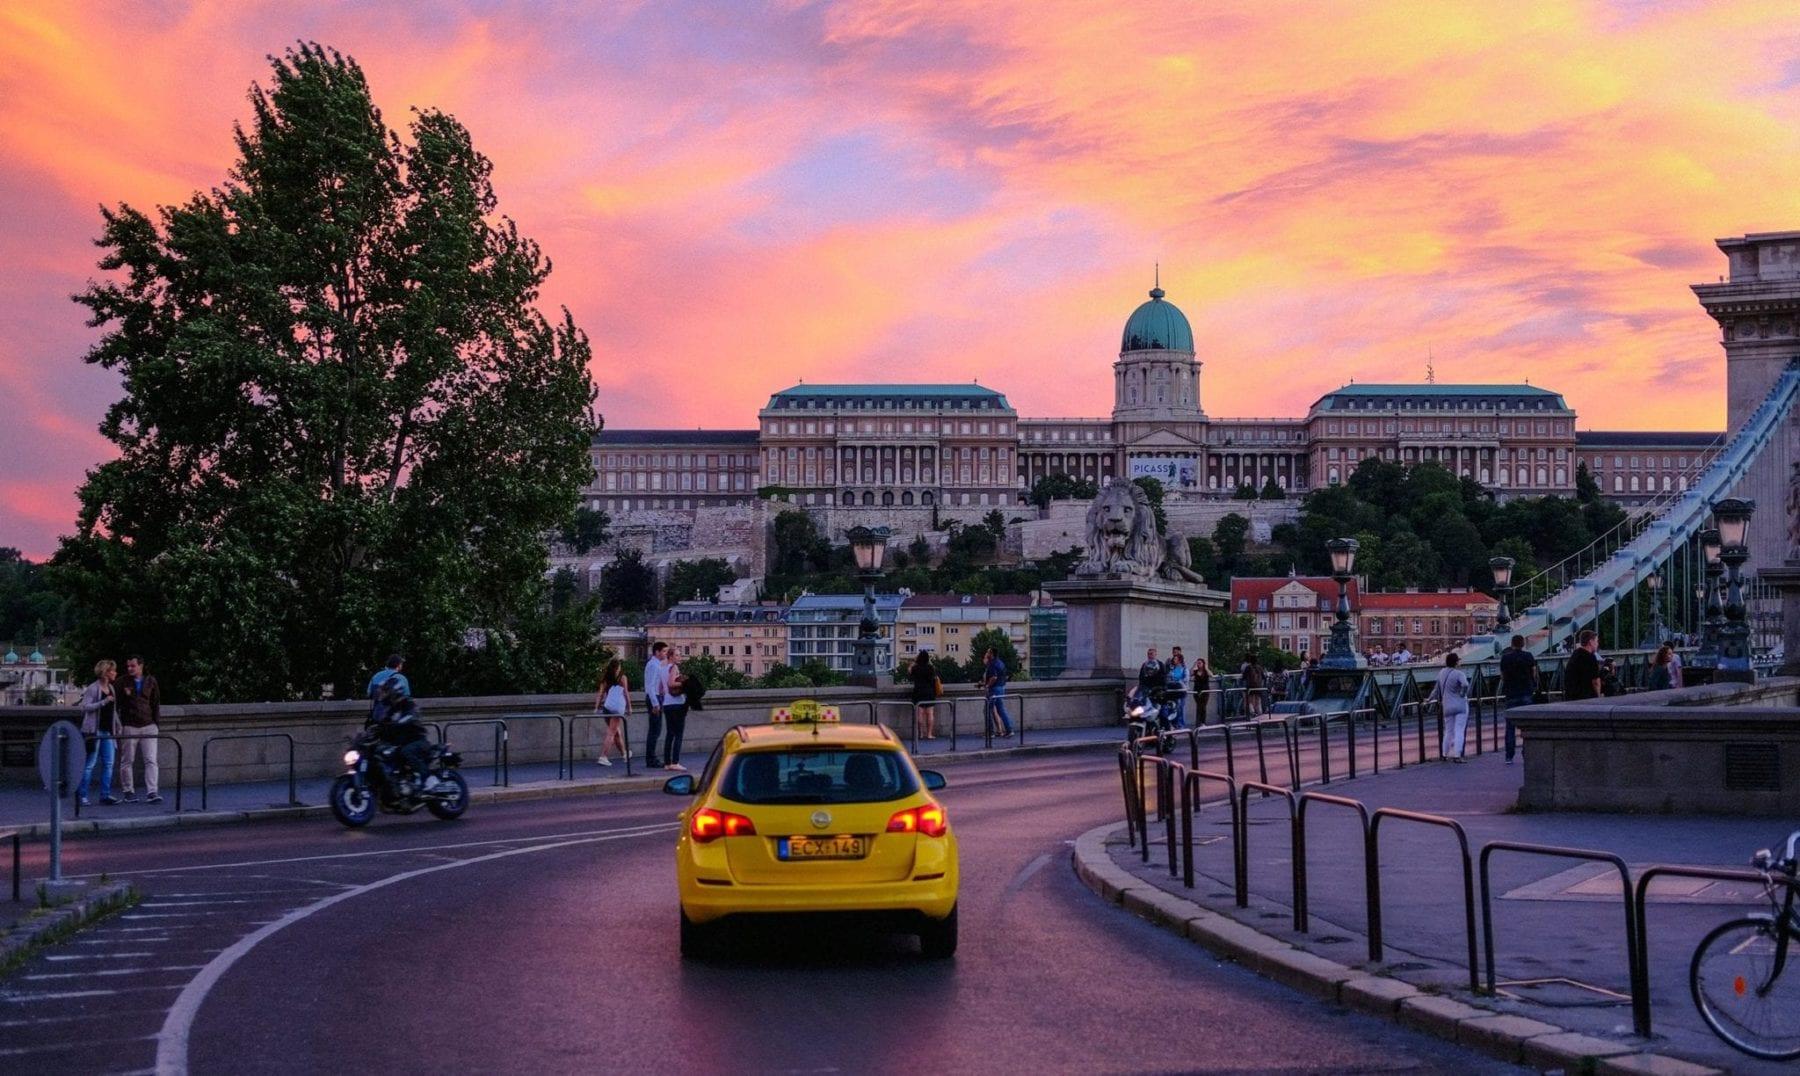 Budapest: A Majesty